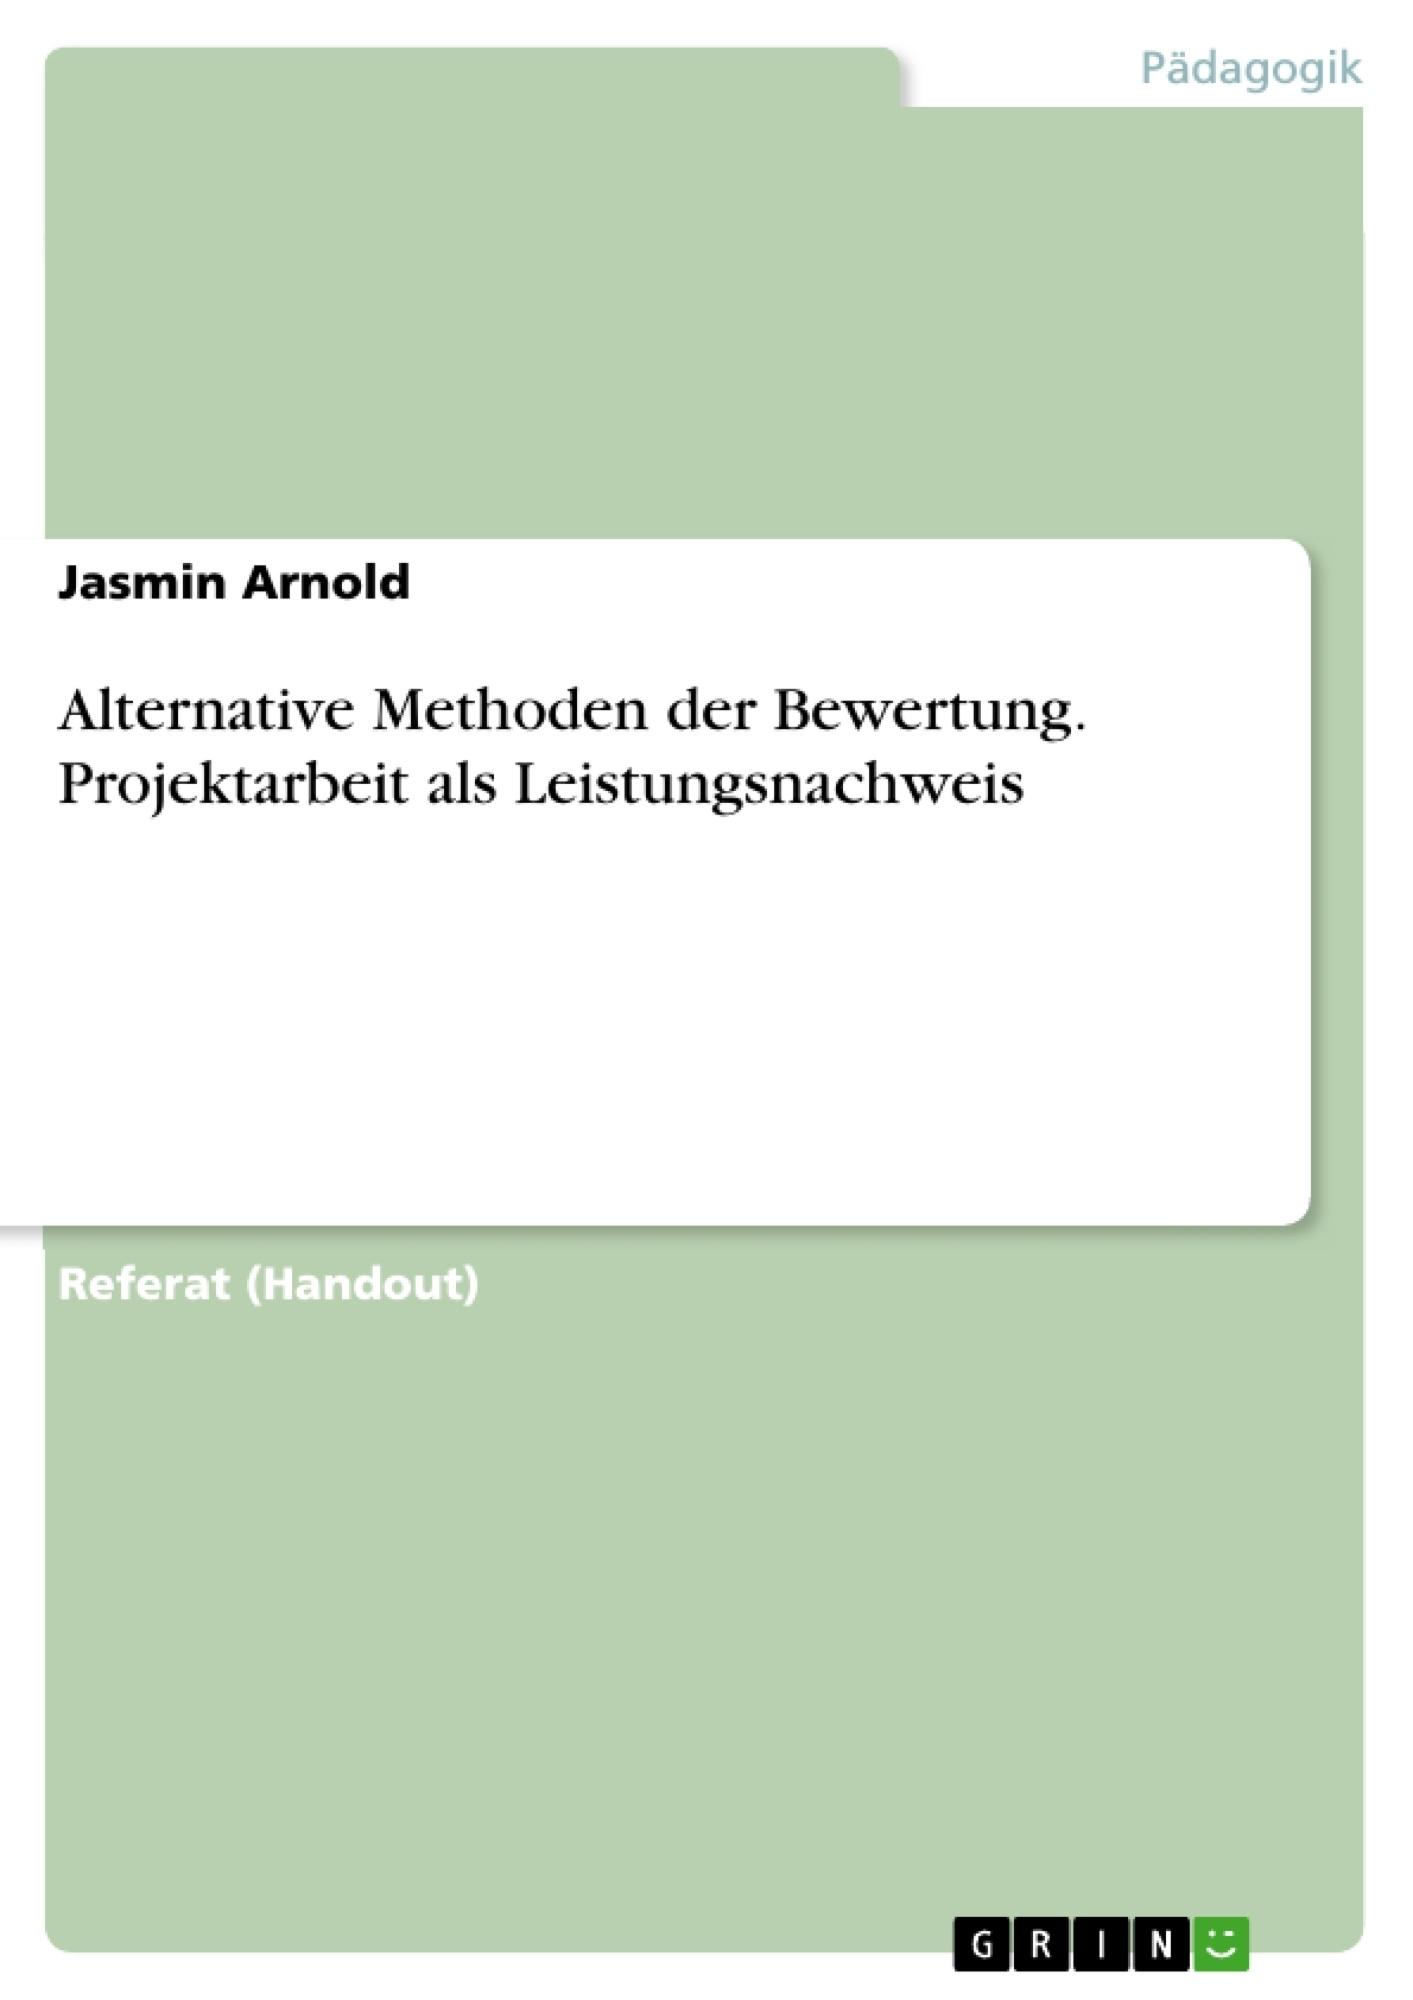 Titel: Alternative Methoden der Bewertung. Projektarbeit als Leistungsnachweis